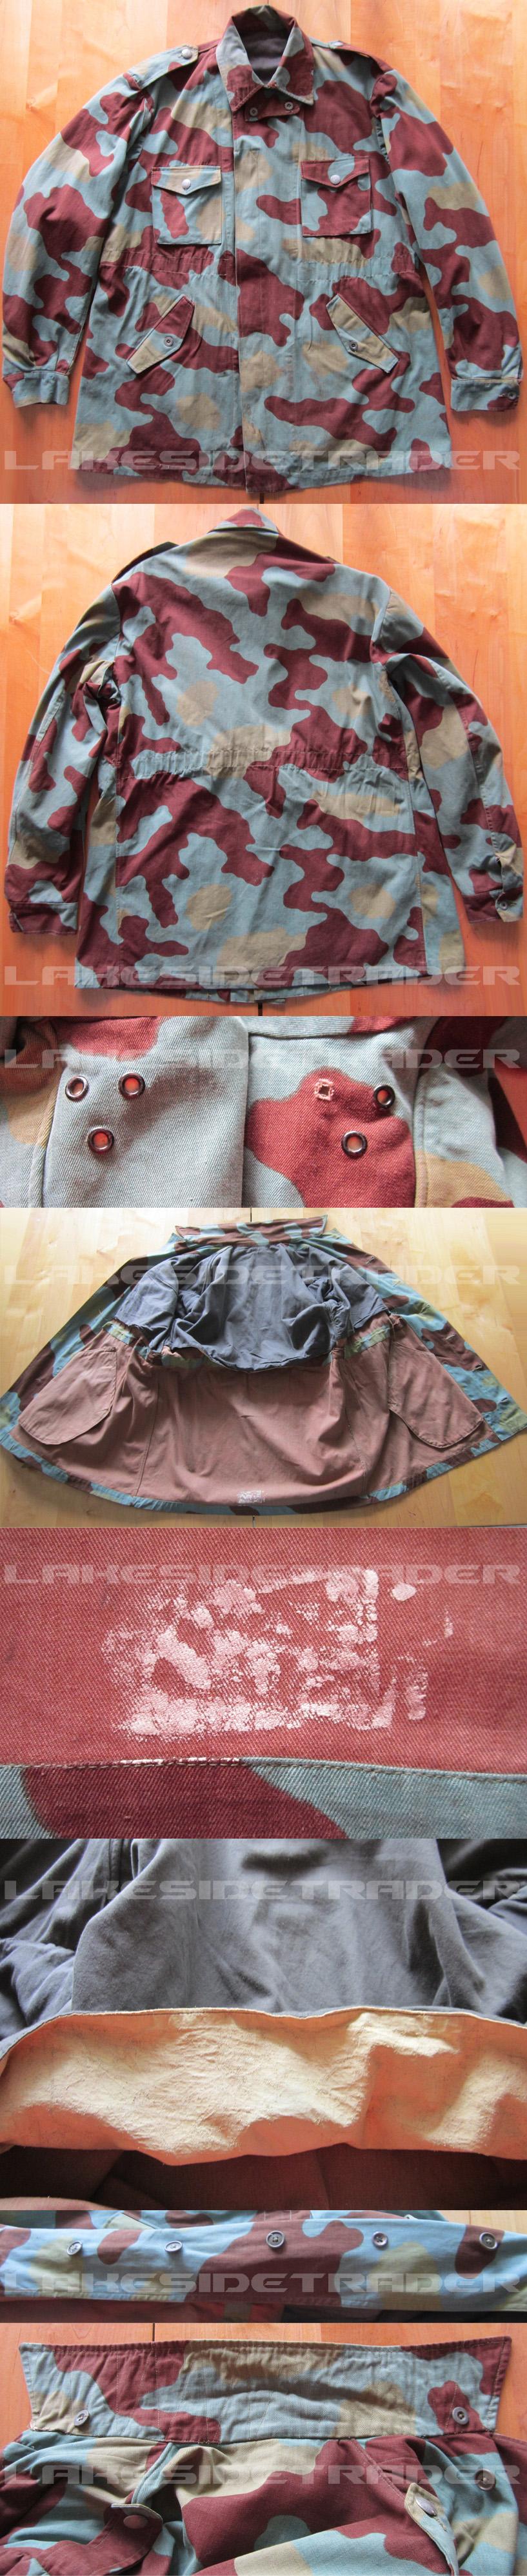 Reinactors Camo jacket